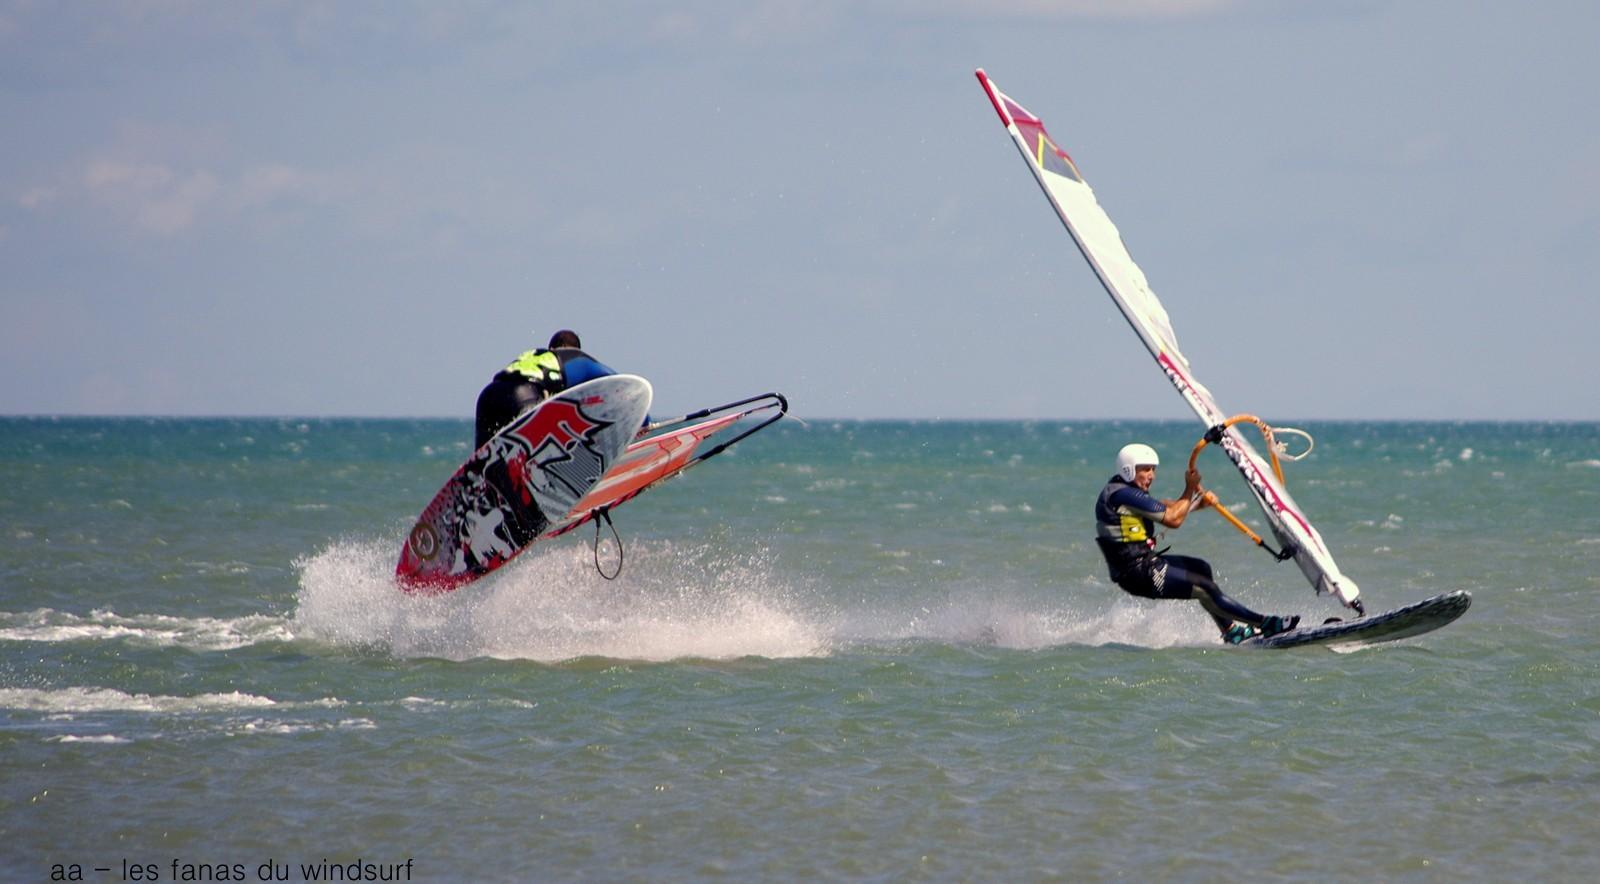 Surf report port la nouvelle 11 du 2015 09 01 12 00 00 - Meteo port la nouvelle ...